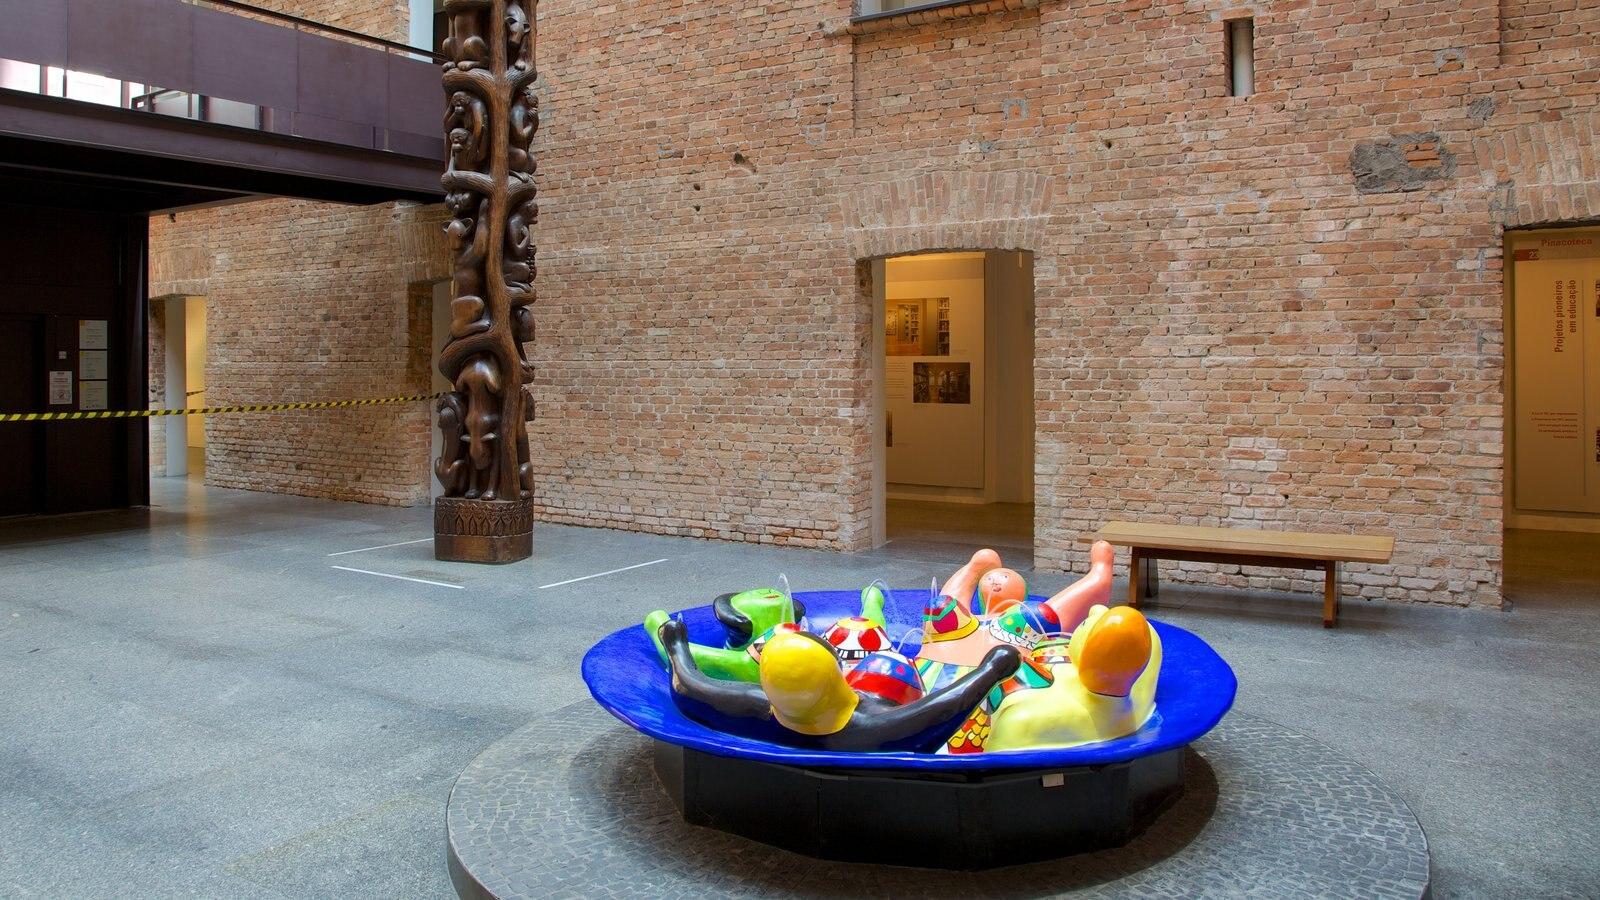 Pinacoteca do Estado mostrando vistas internas e arte